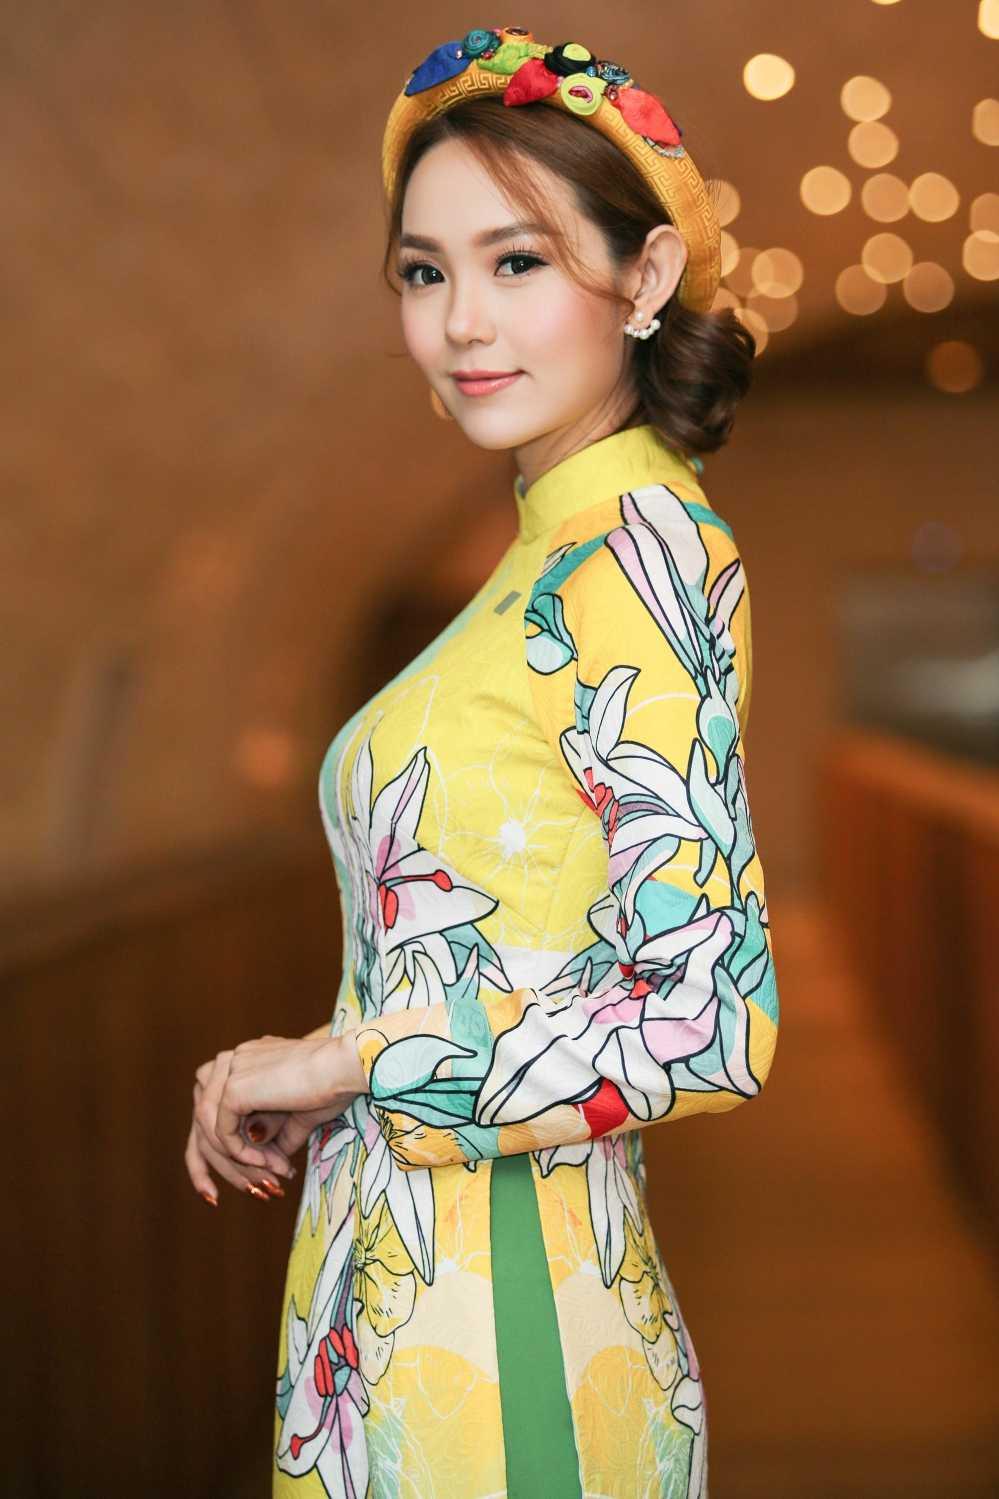 Minh Hang tuoi tan sanh doi cung tay dua so 1 the gioi hinh anh 1